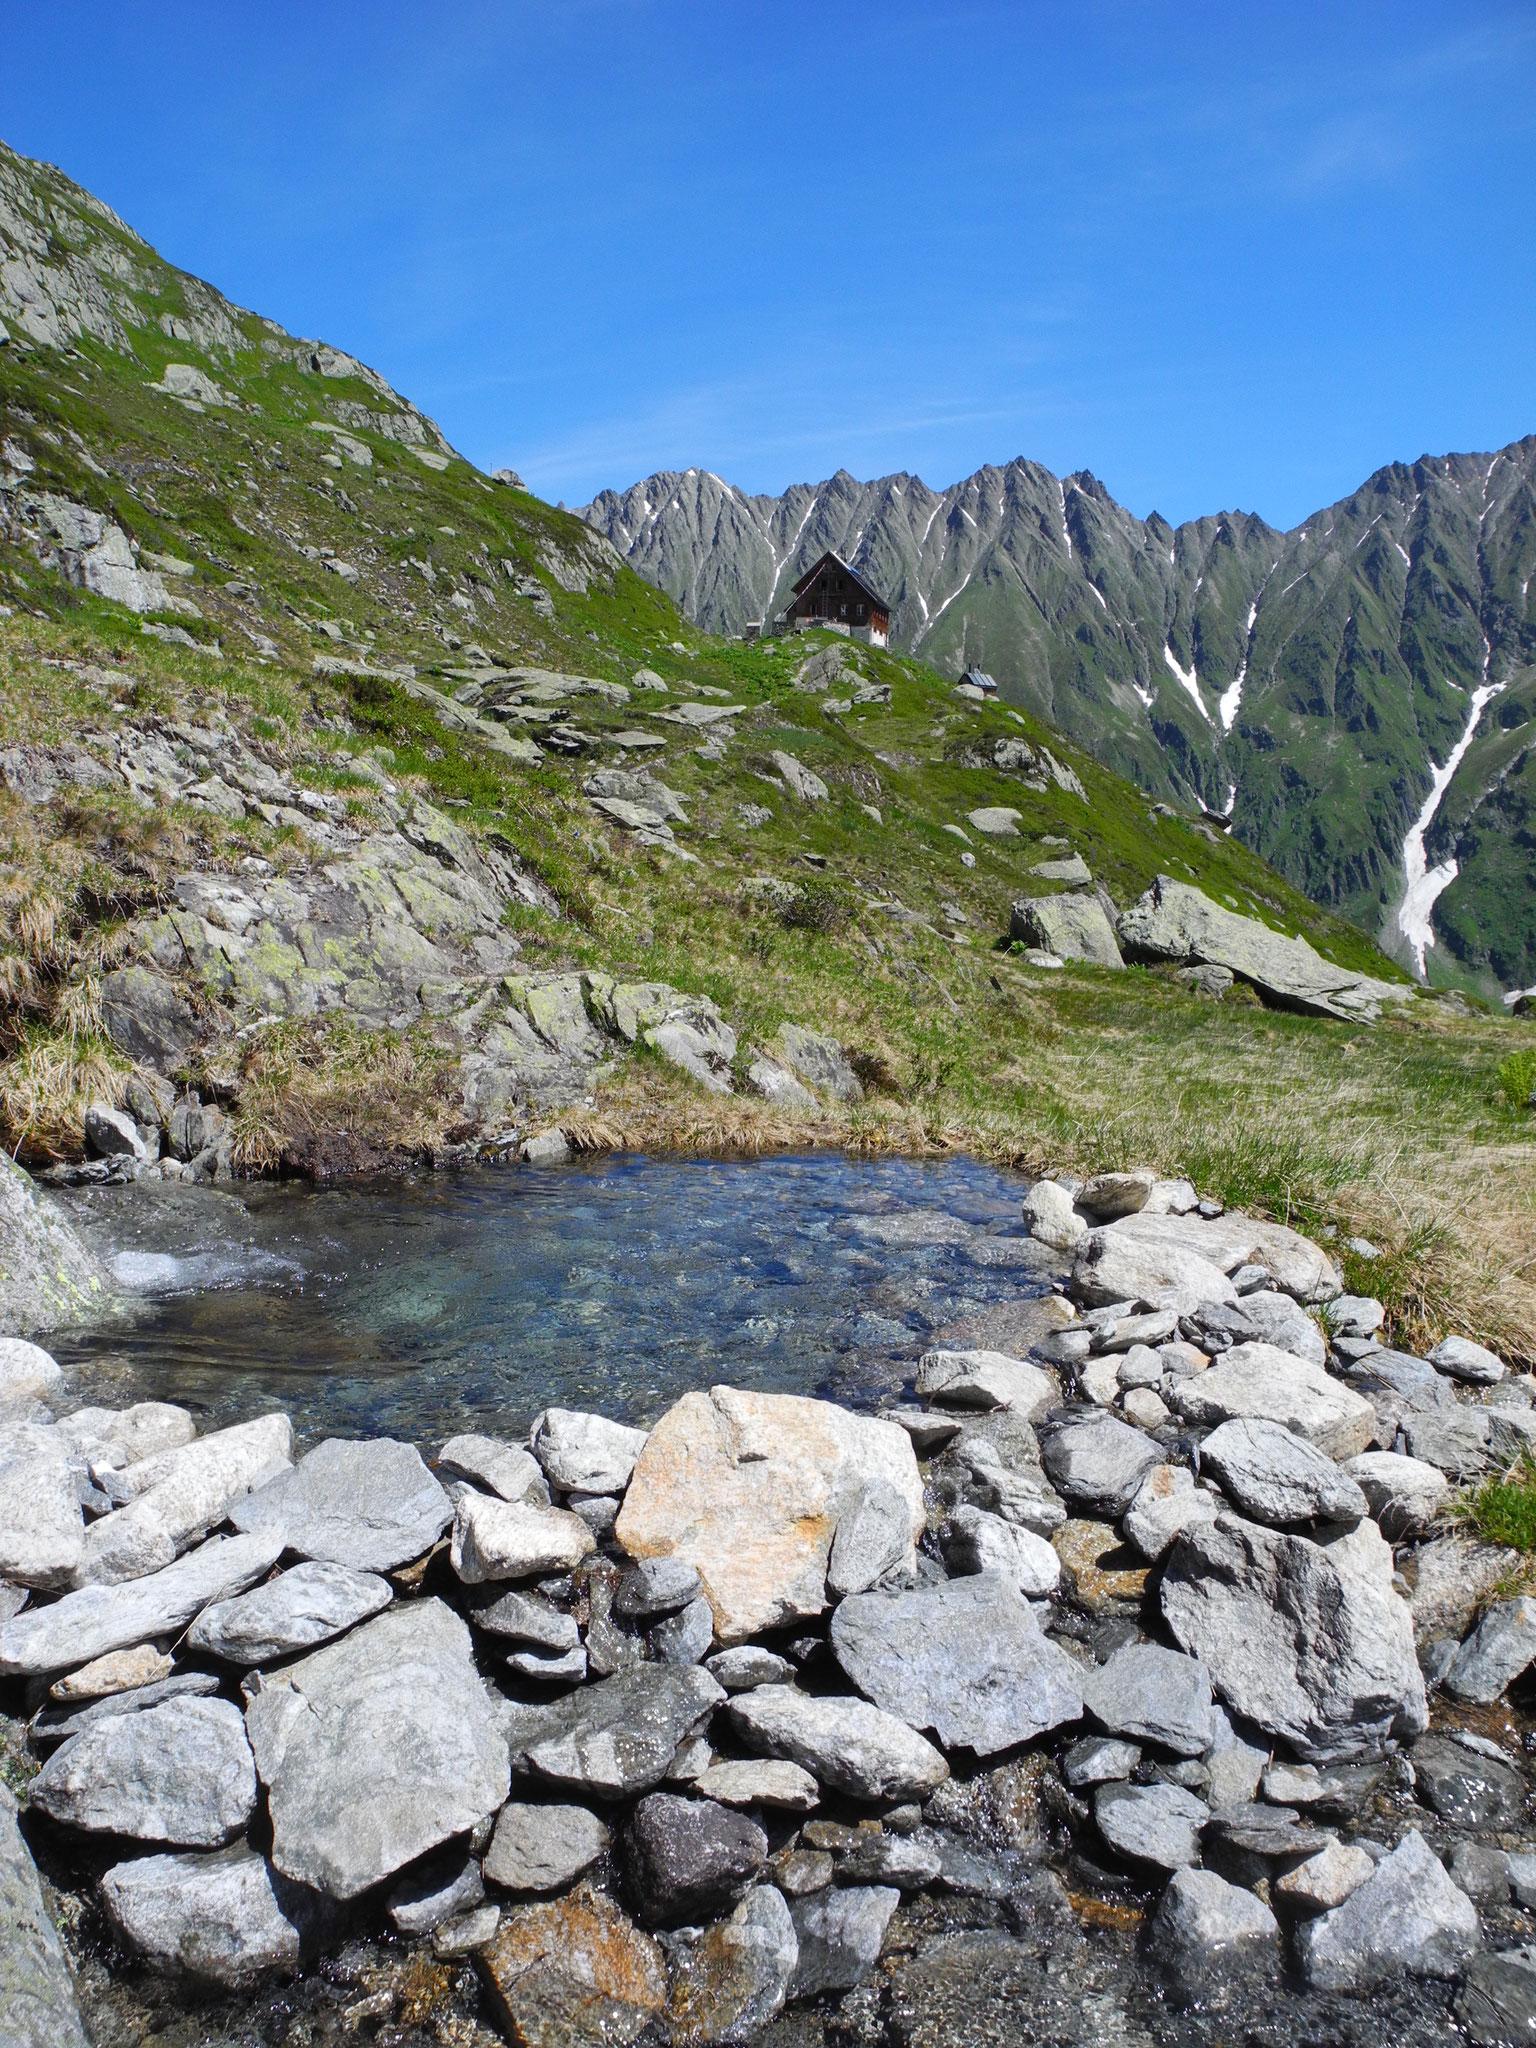 ... 27: Die Bach-Wanne ist bereit für ein erfrischendes Bad